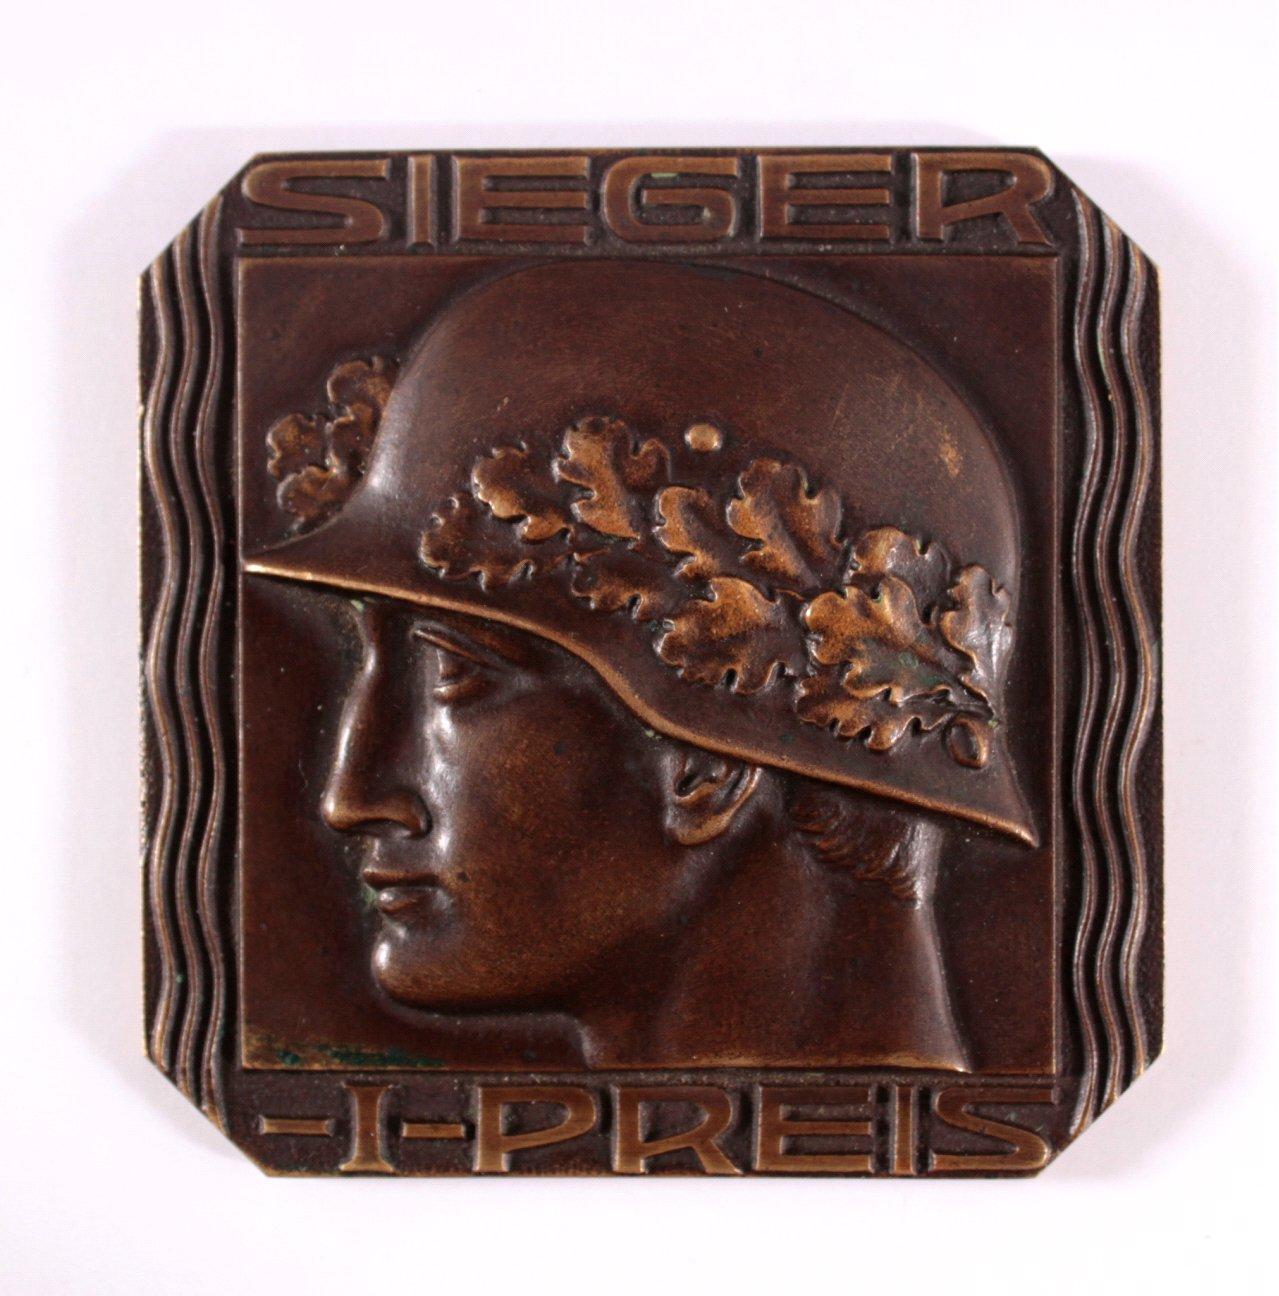 Bronzeplakette 1. Preis von 1920